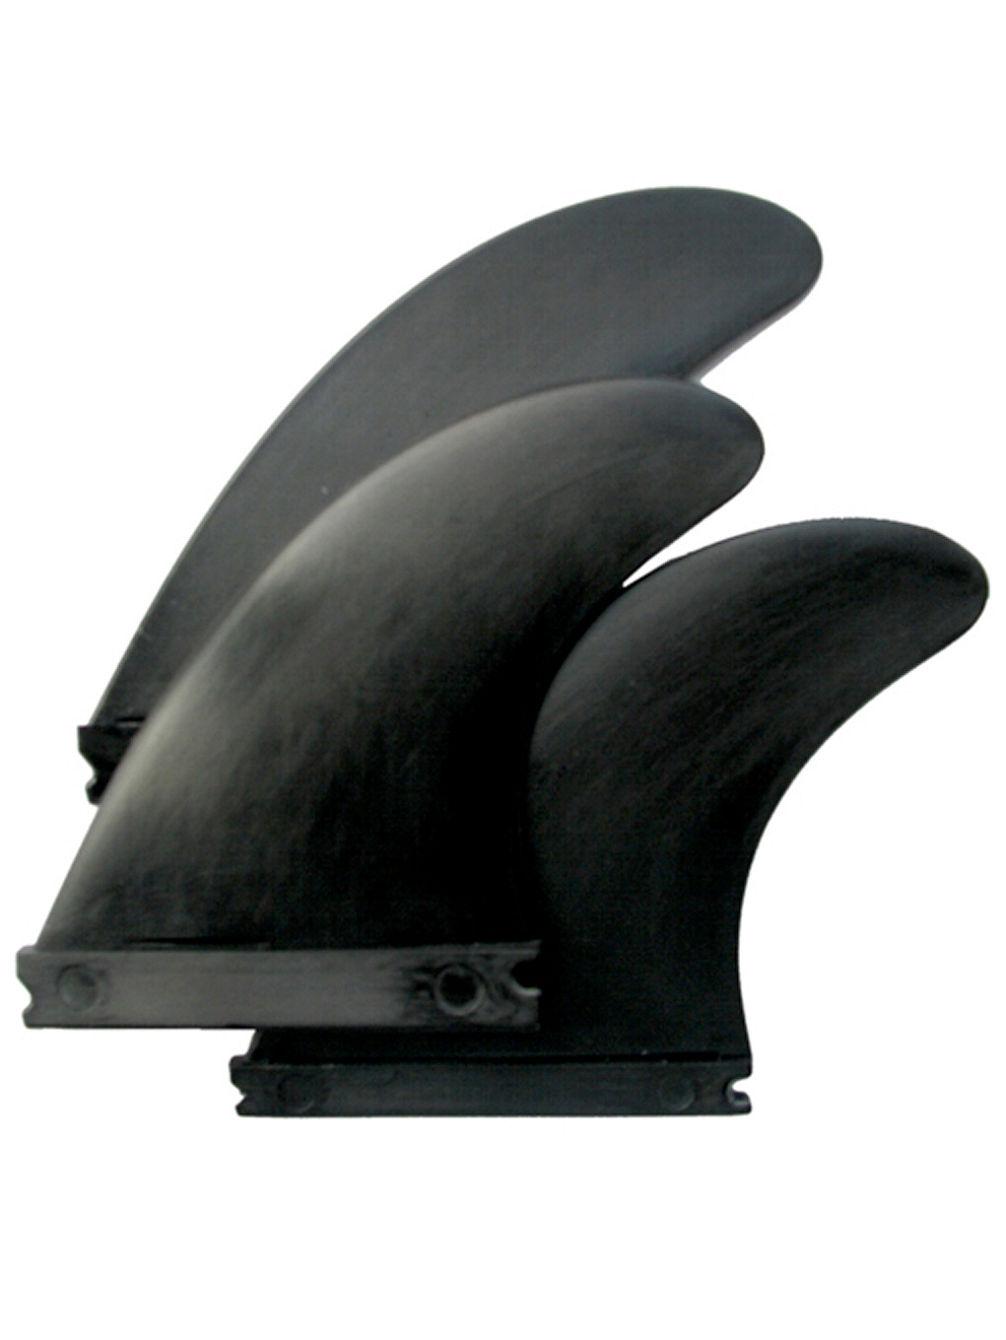 torq-surfboard-finne-torq-f6-future-base